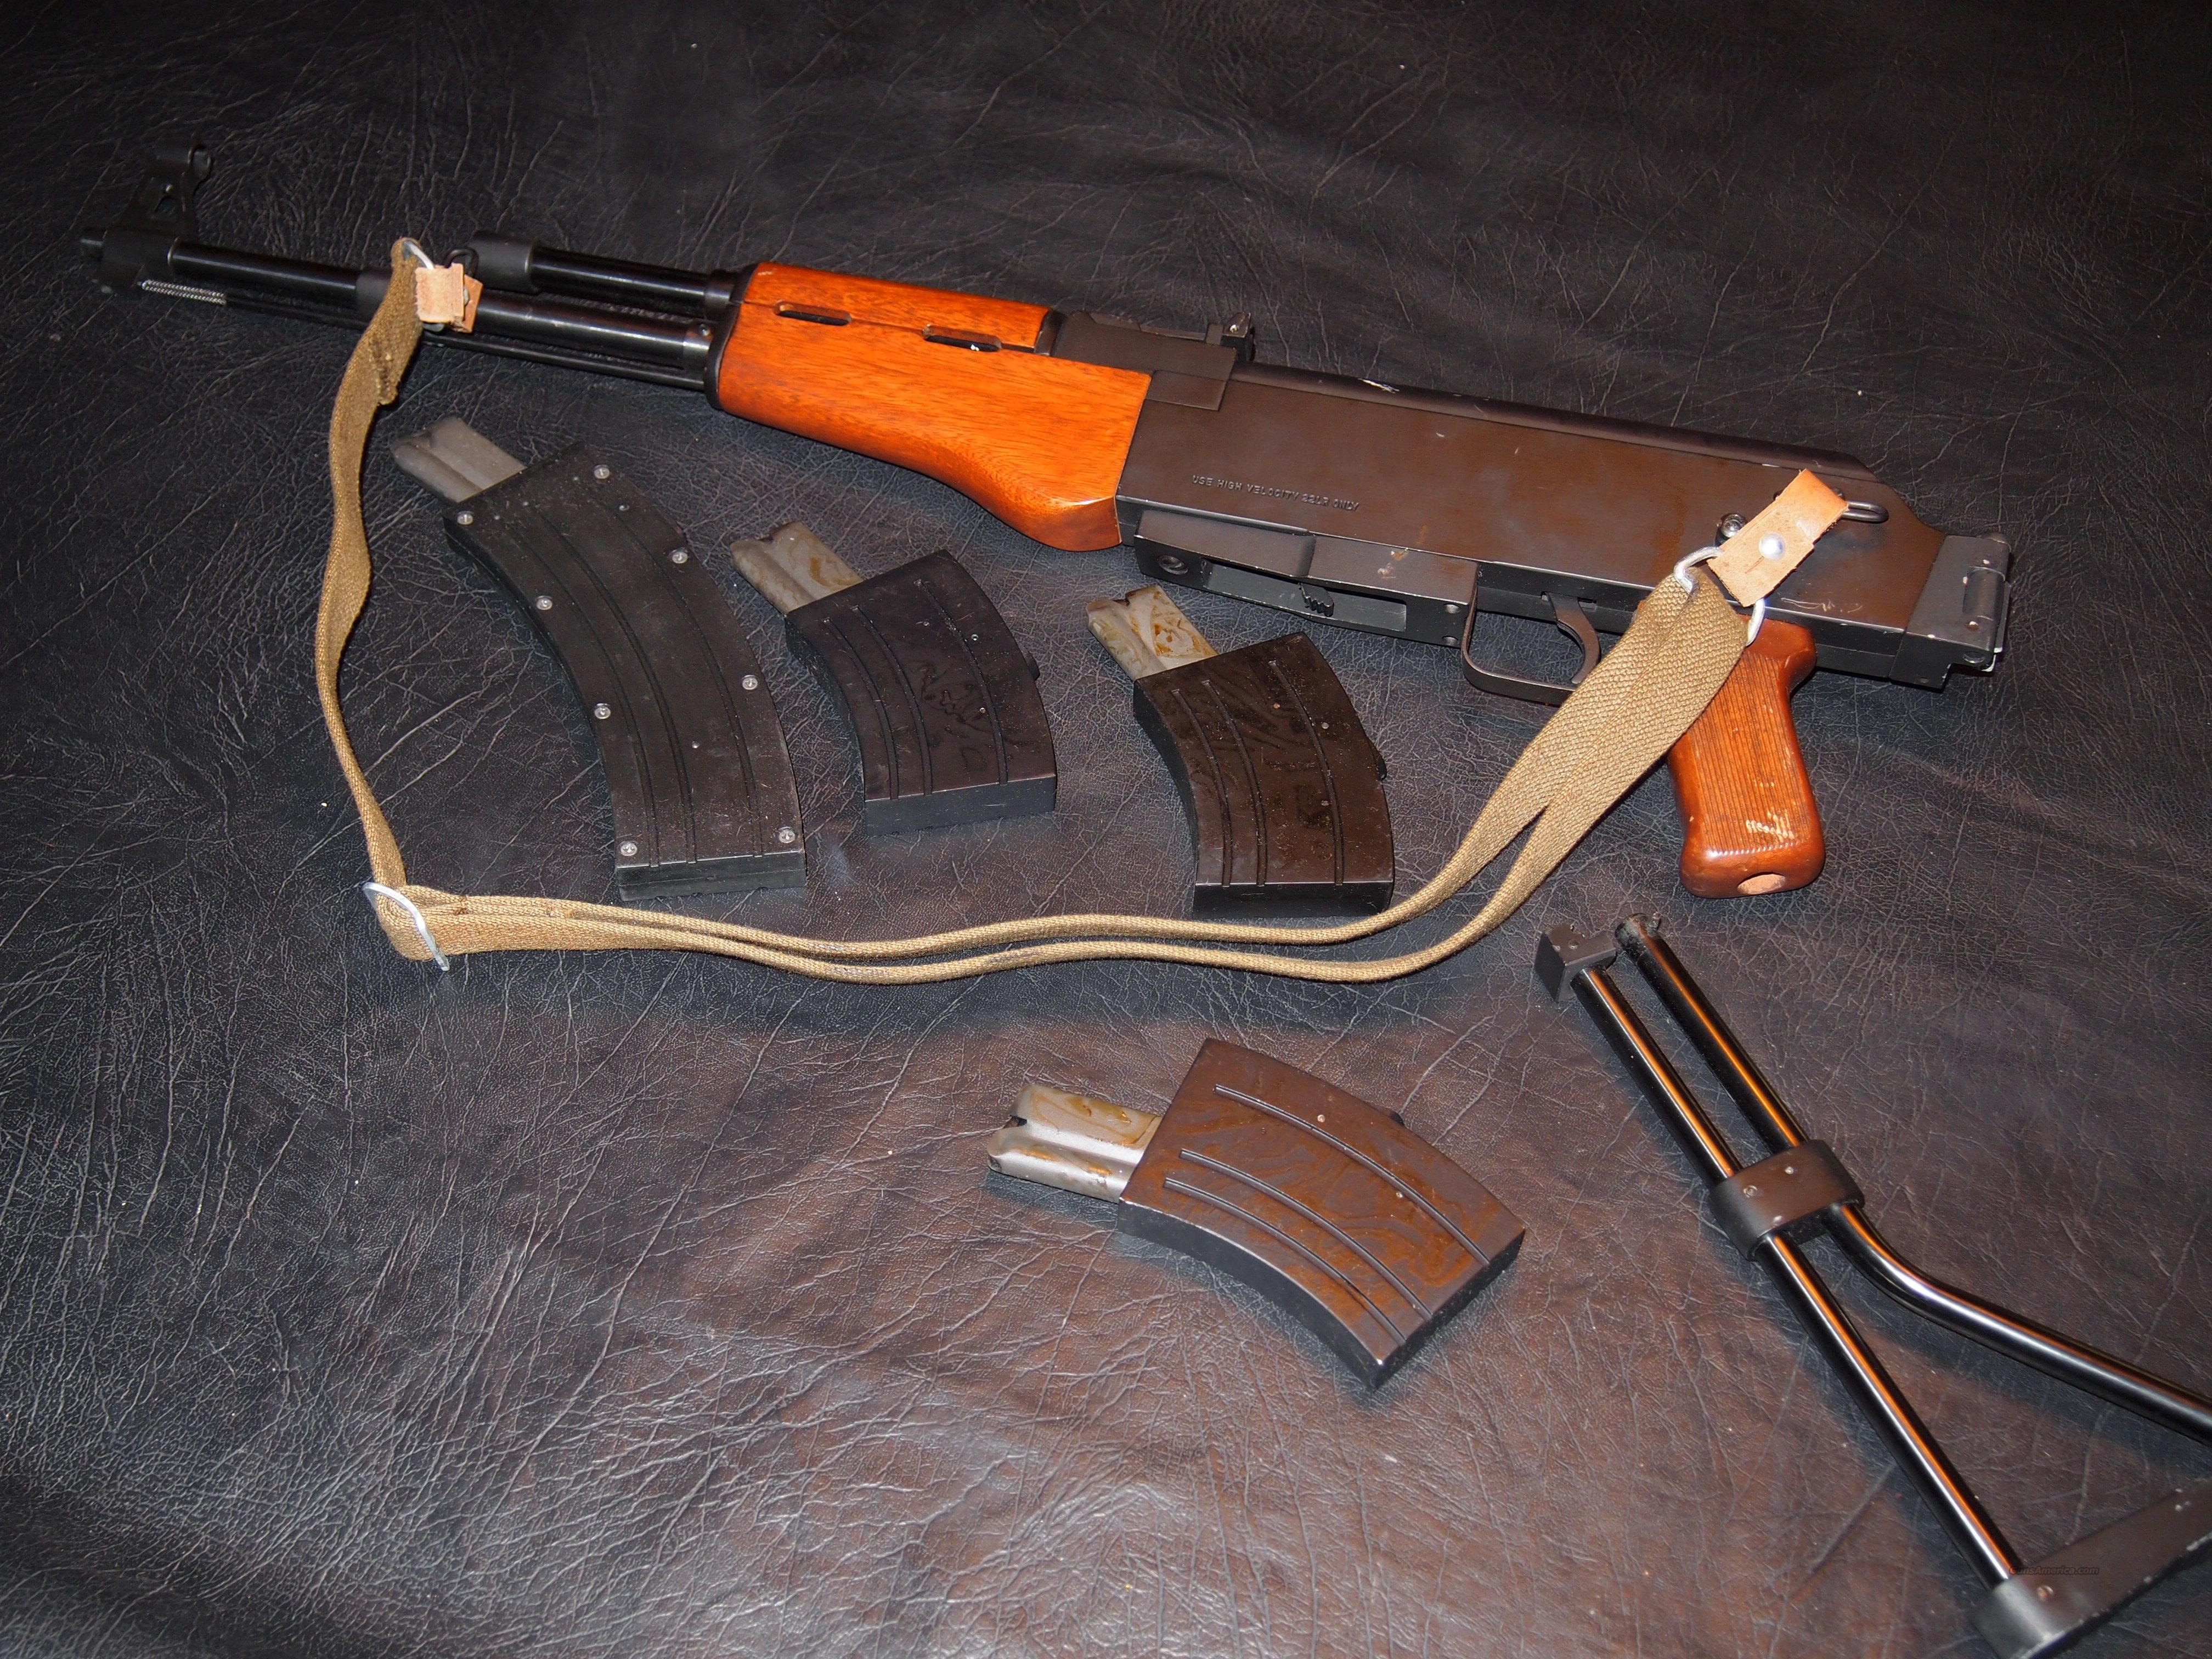 AK 47 22LR Arms Corporation Phillipines for sale